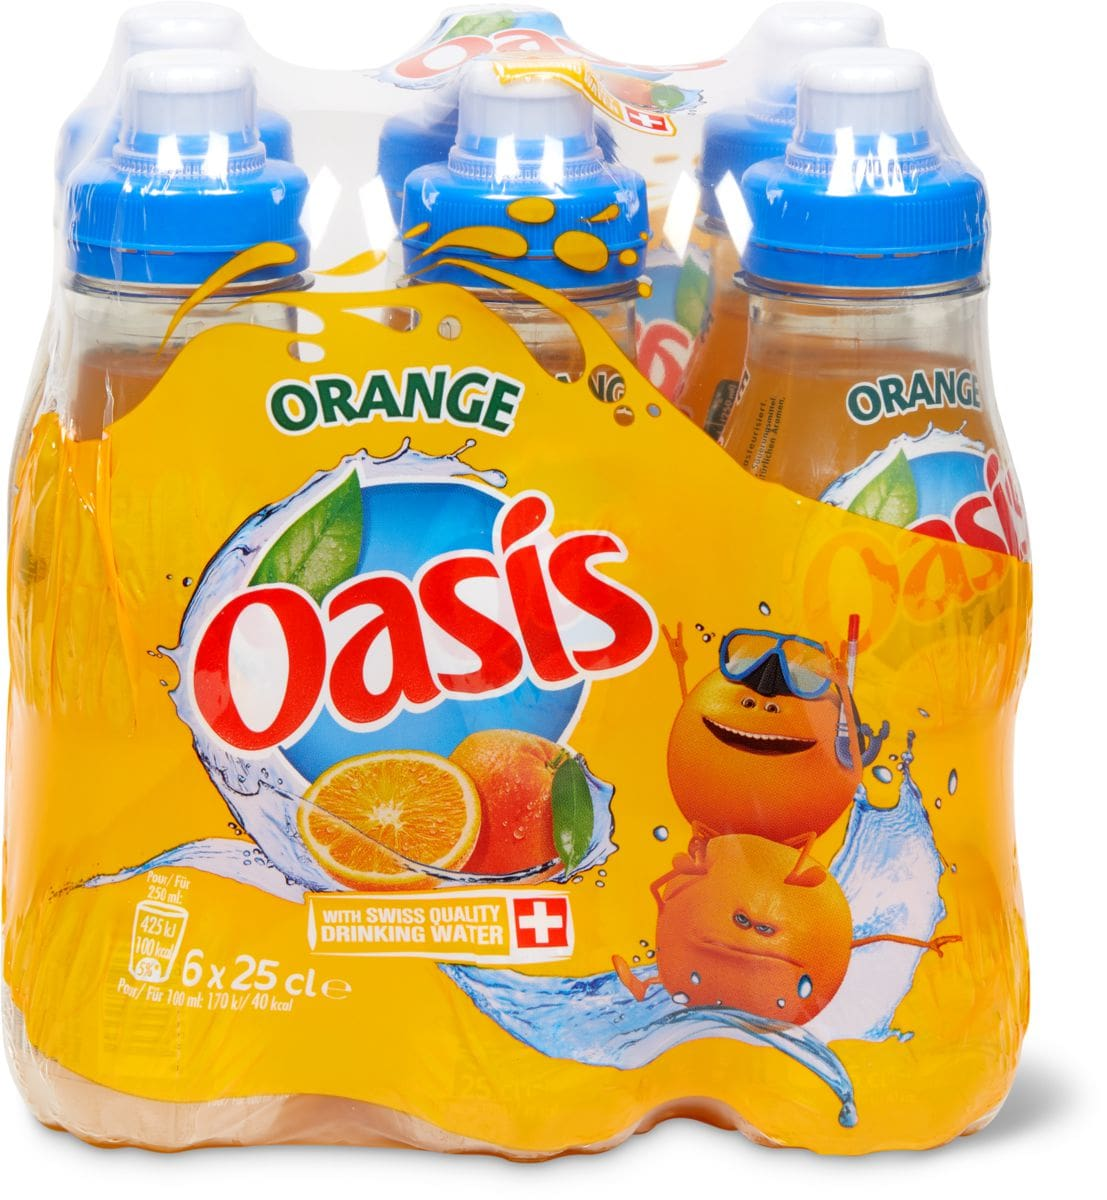 Oasis Orange